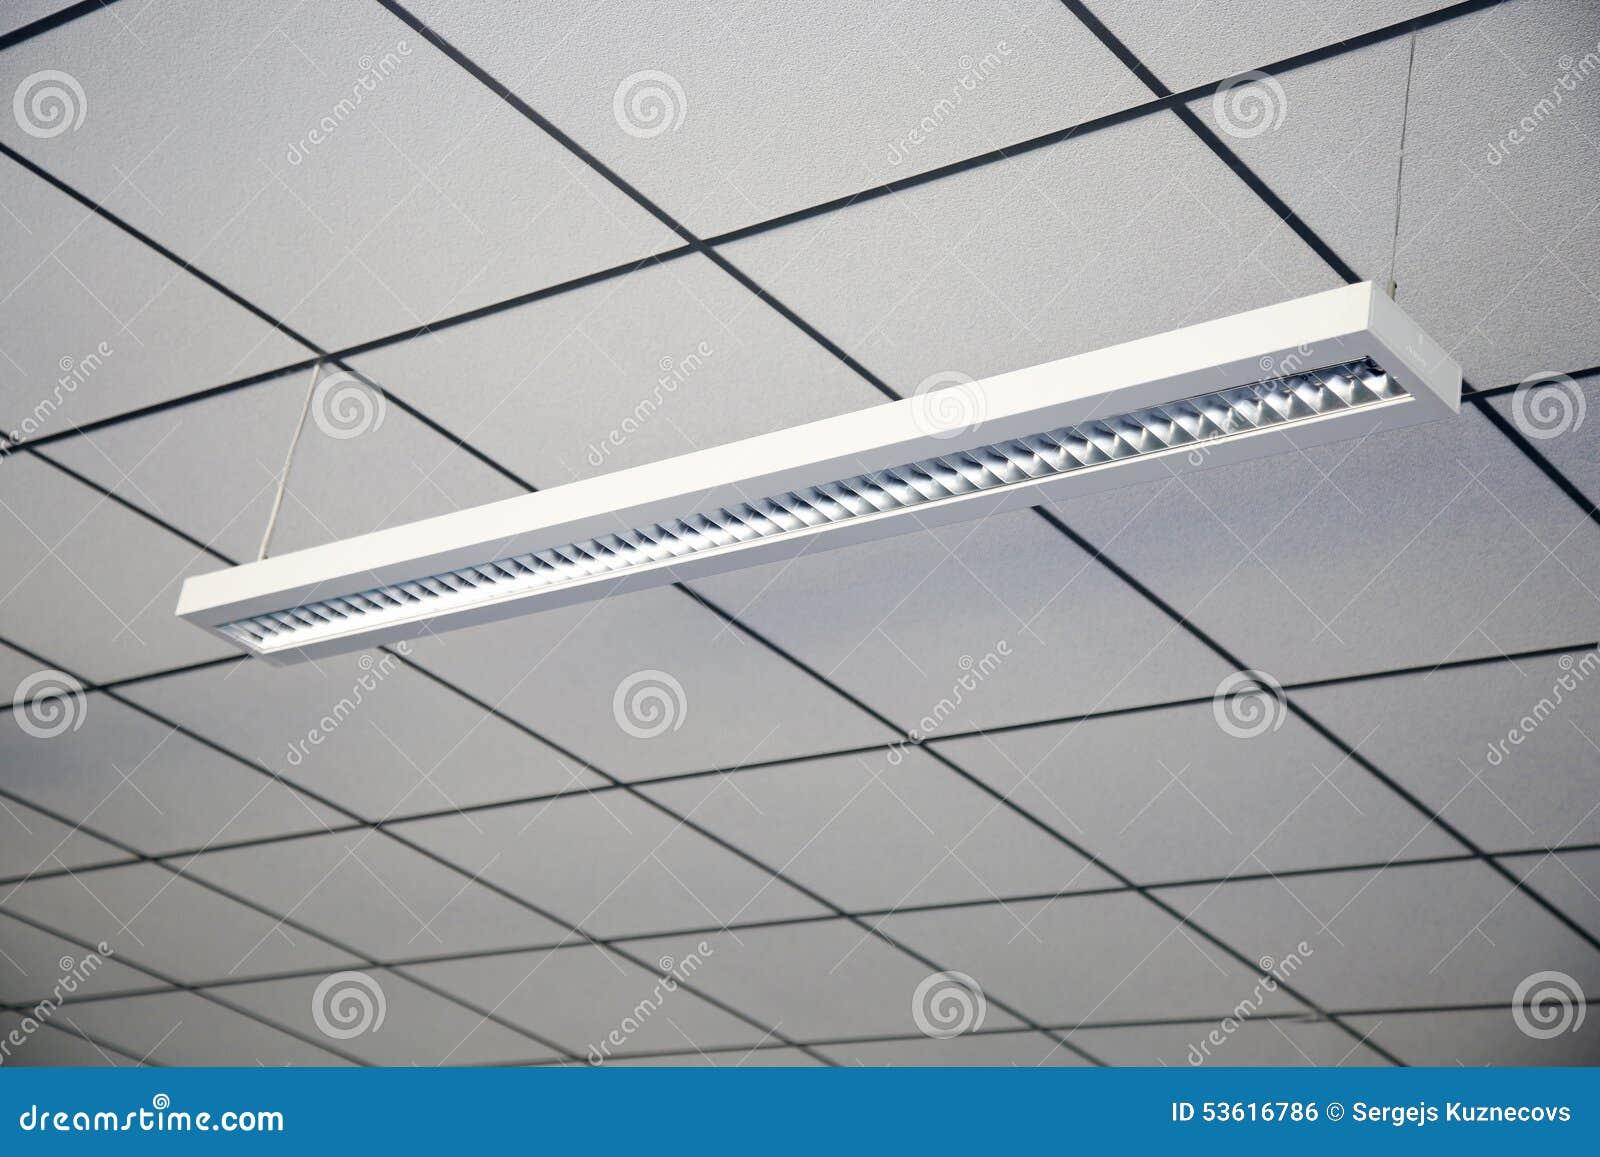 Lampe dans le plafond de bureau photo stock image 53616786 for Plafond de bureau